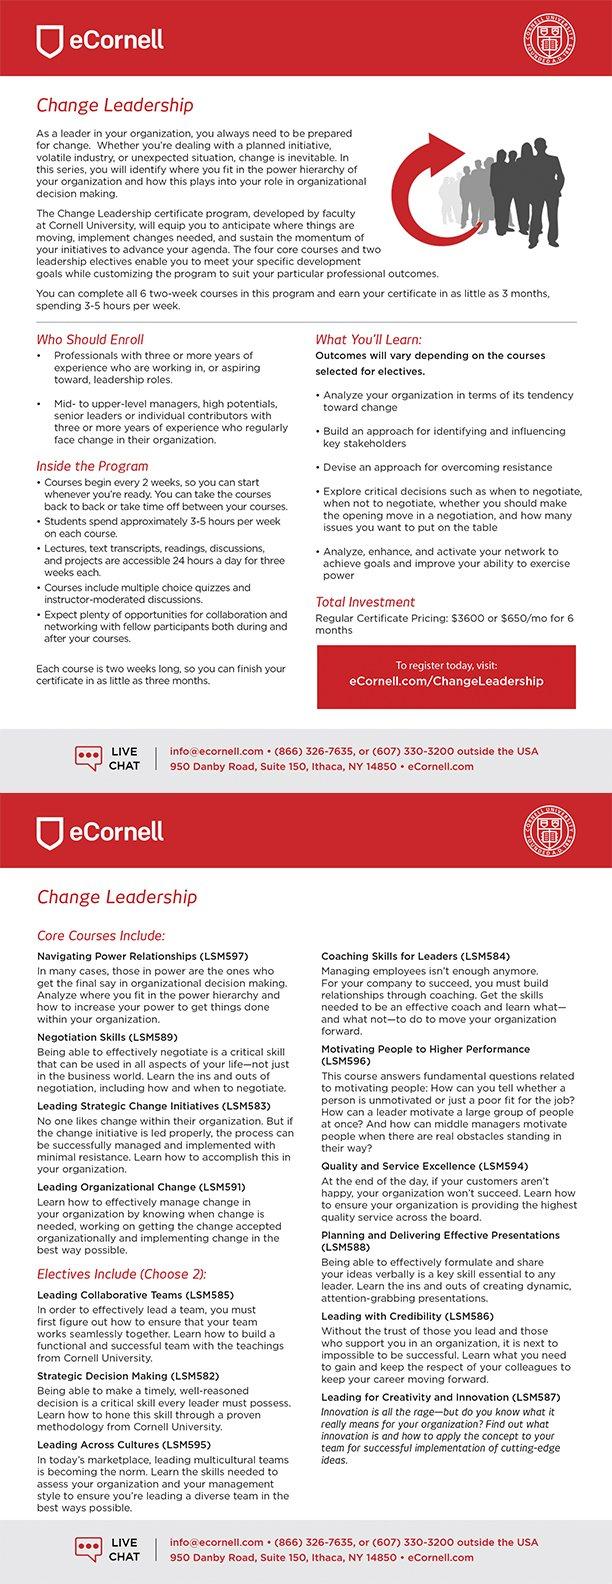 Change Leadership Information Sheet